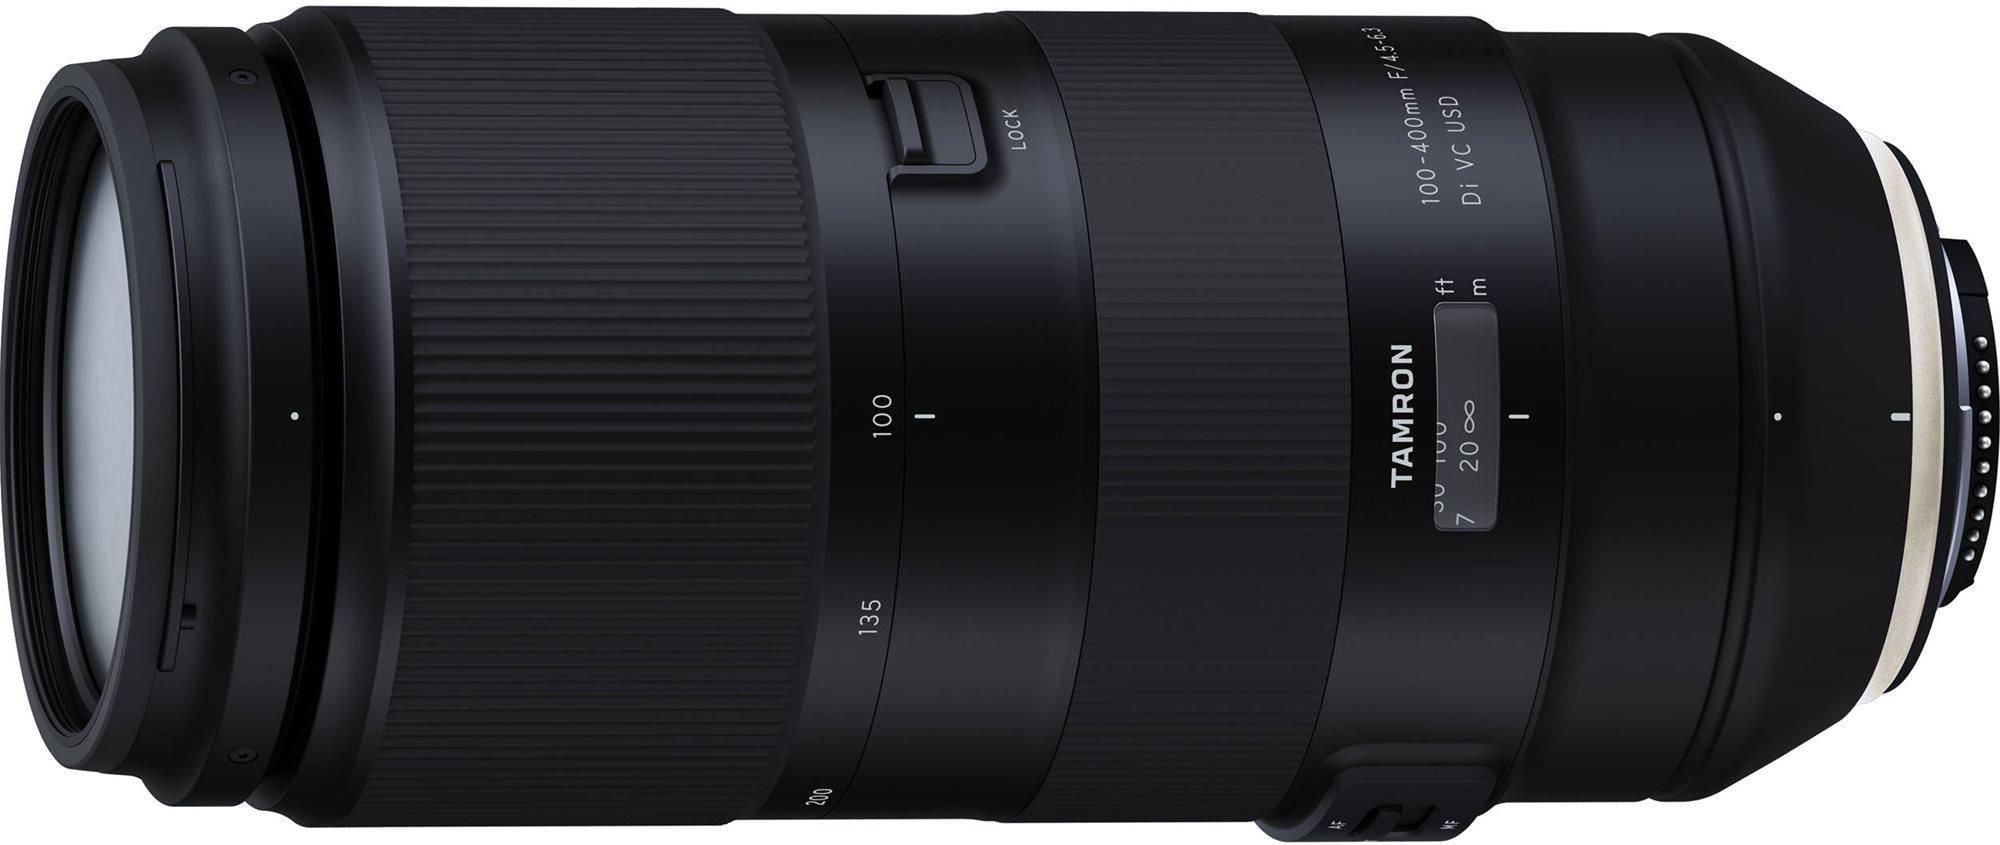 TAMRON 100-400 mm F / 4,5-6,3 Di VC USD Canon